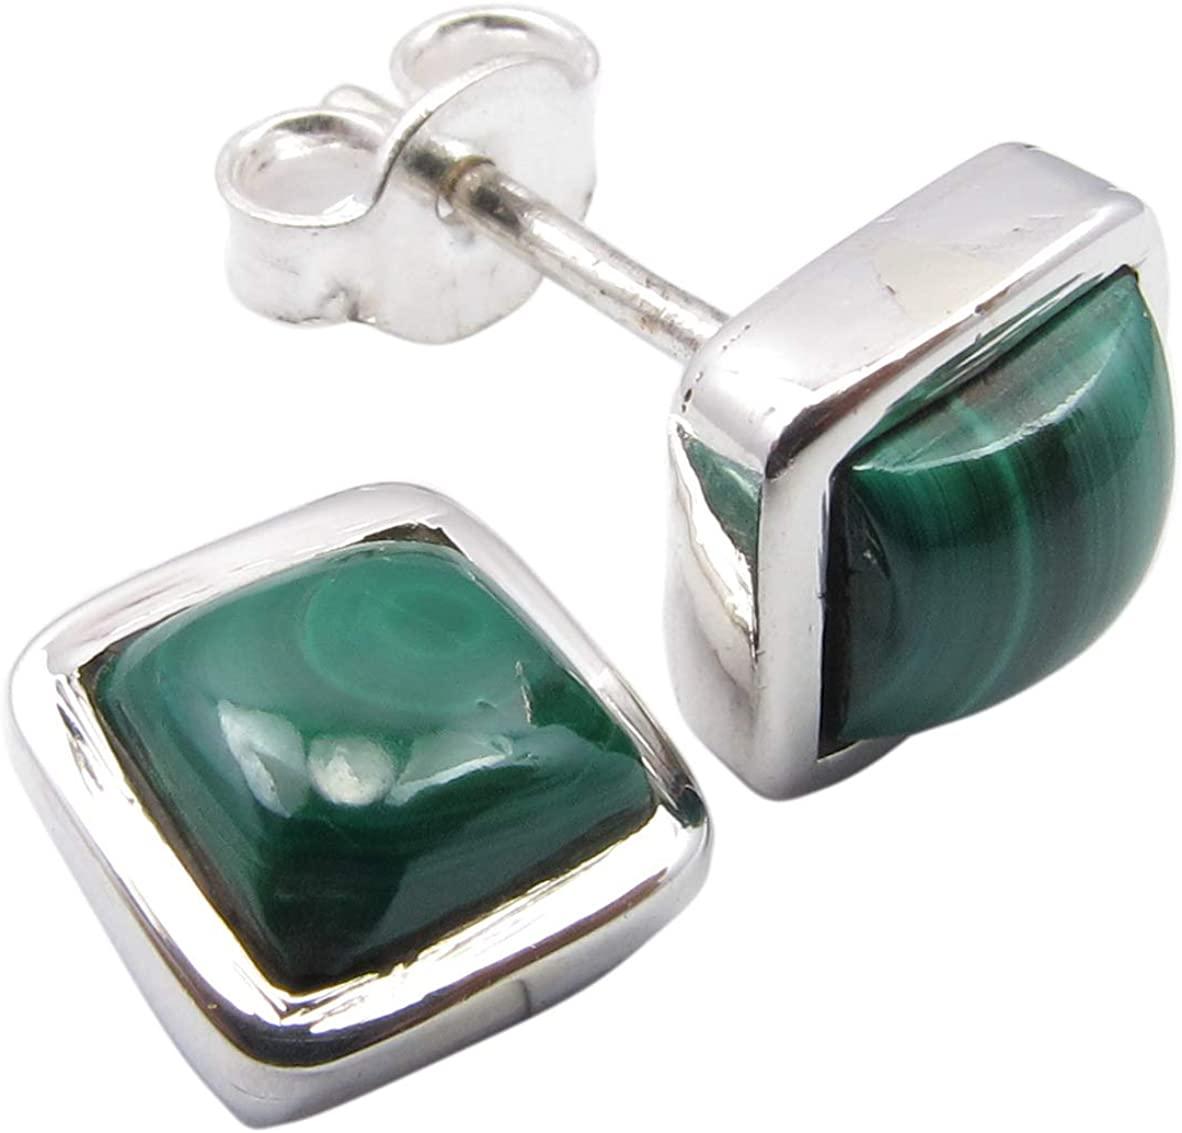 SilverStarJewel 925 Sterling Silver Green Malachite Stud Earrings 0.3